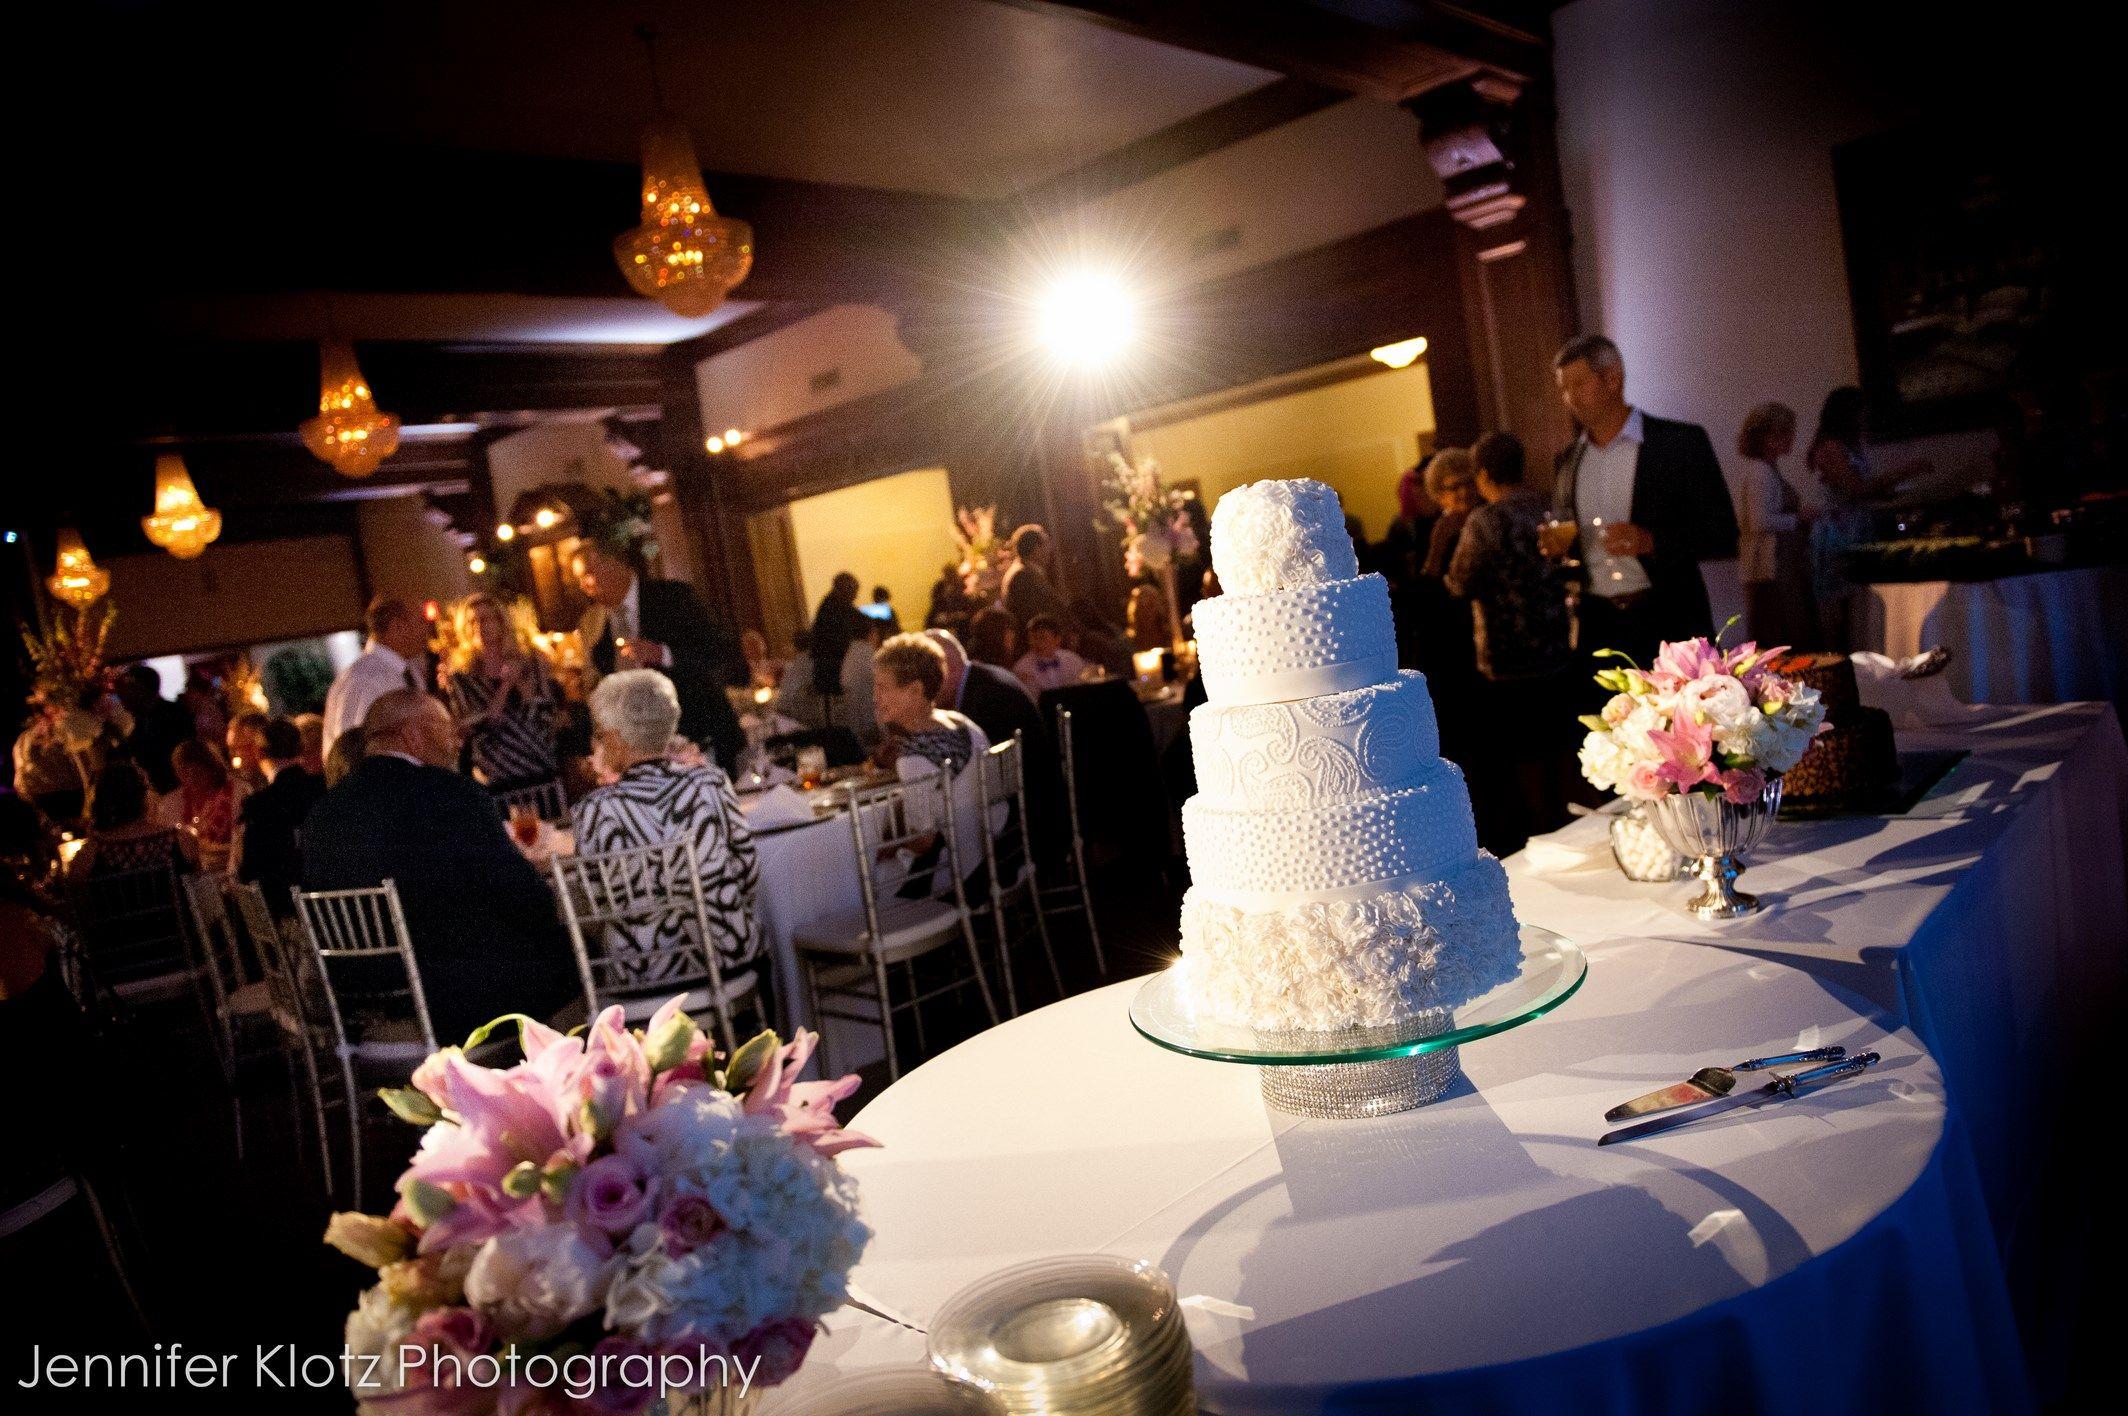 Jennifer Klotz Photography / Wedding Cake / The Dominion House